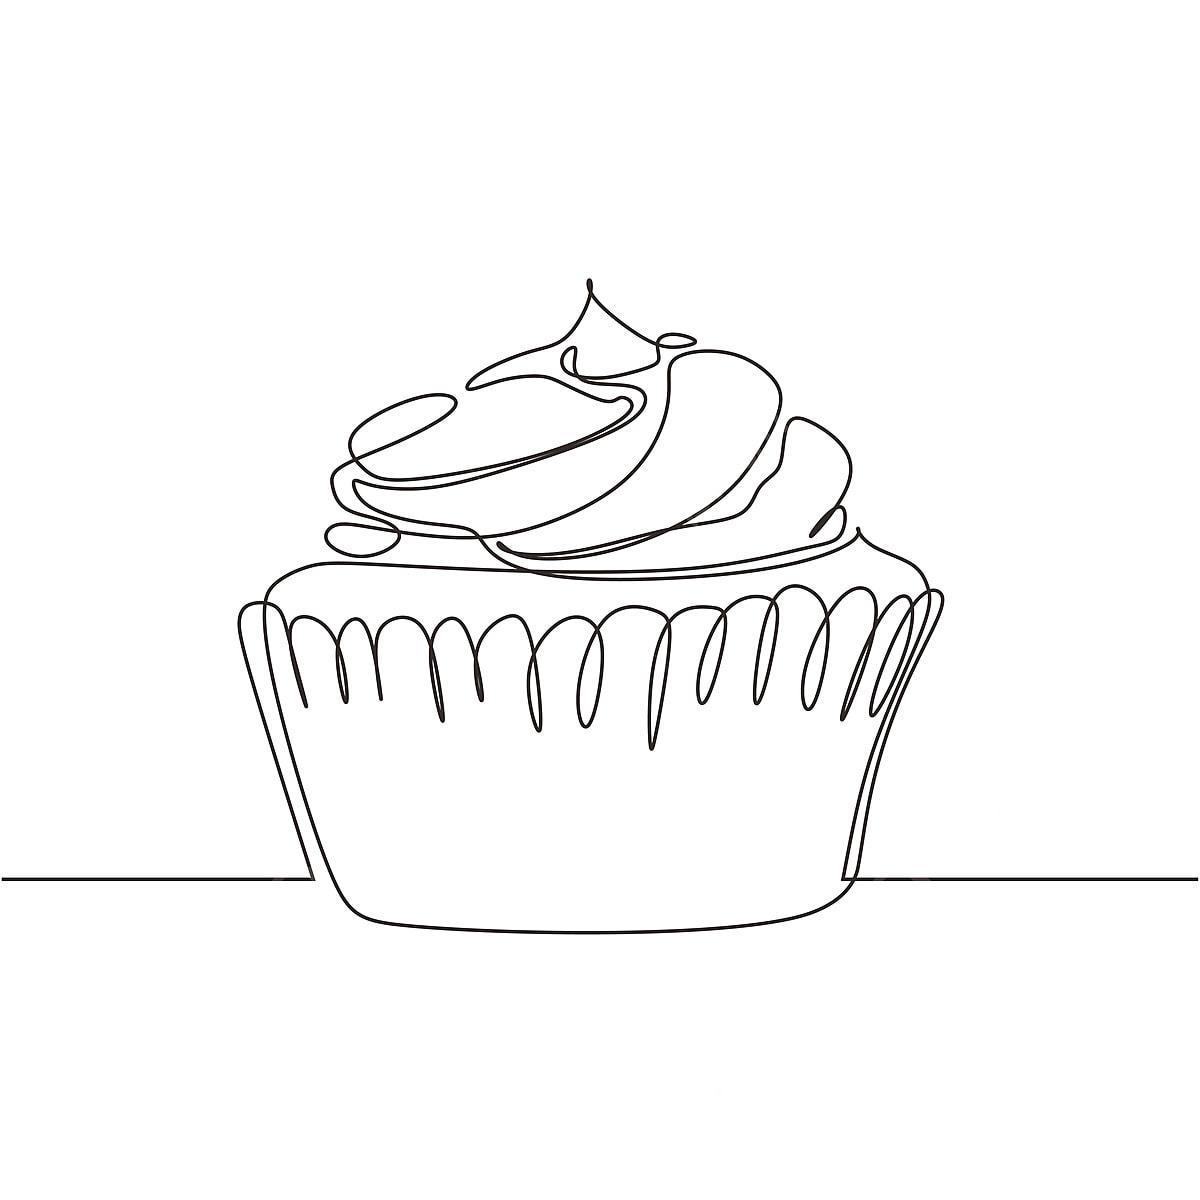 Gambar Cupcake Satu Garisan Menggambar Satu Tangan Berterusan Ditarik Ilustrasi Vektor Reka Bentuk Minimalis Dengan Strok Boleh Diedit Kek Cawan Kek Pencuci Mulut Png Dan Vektor Untuk Muat Turun Percuma